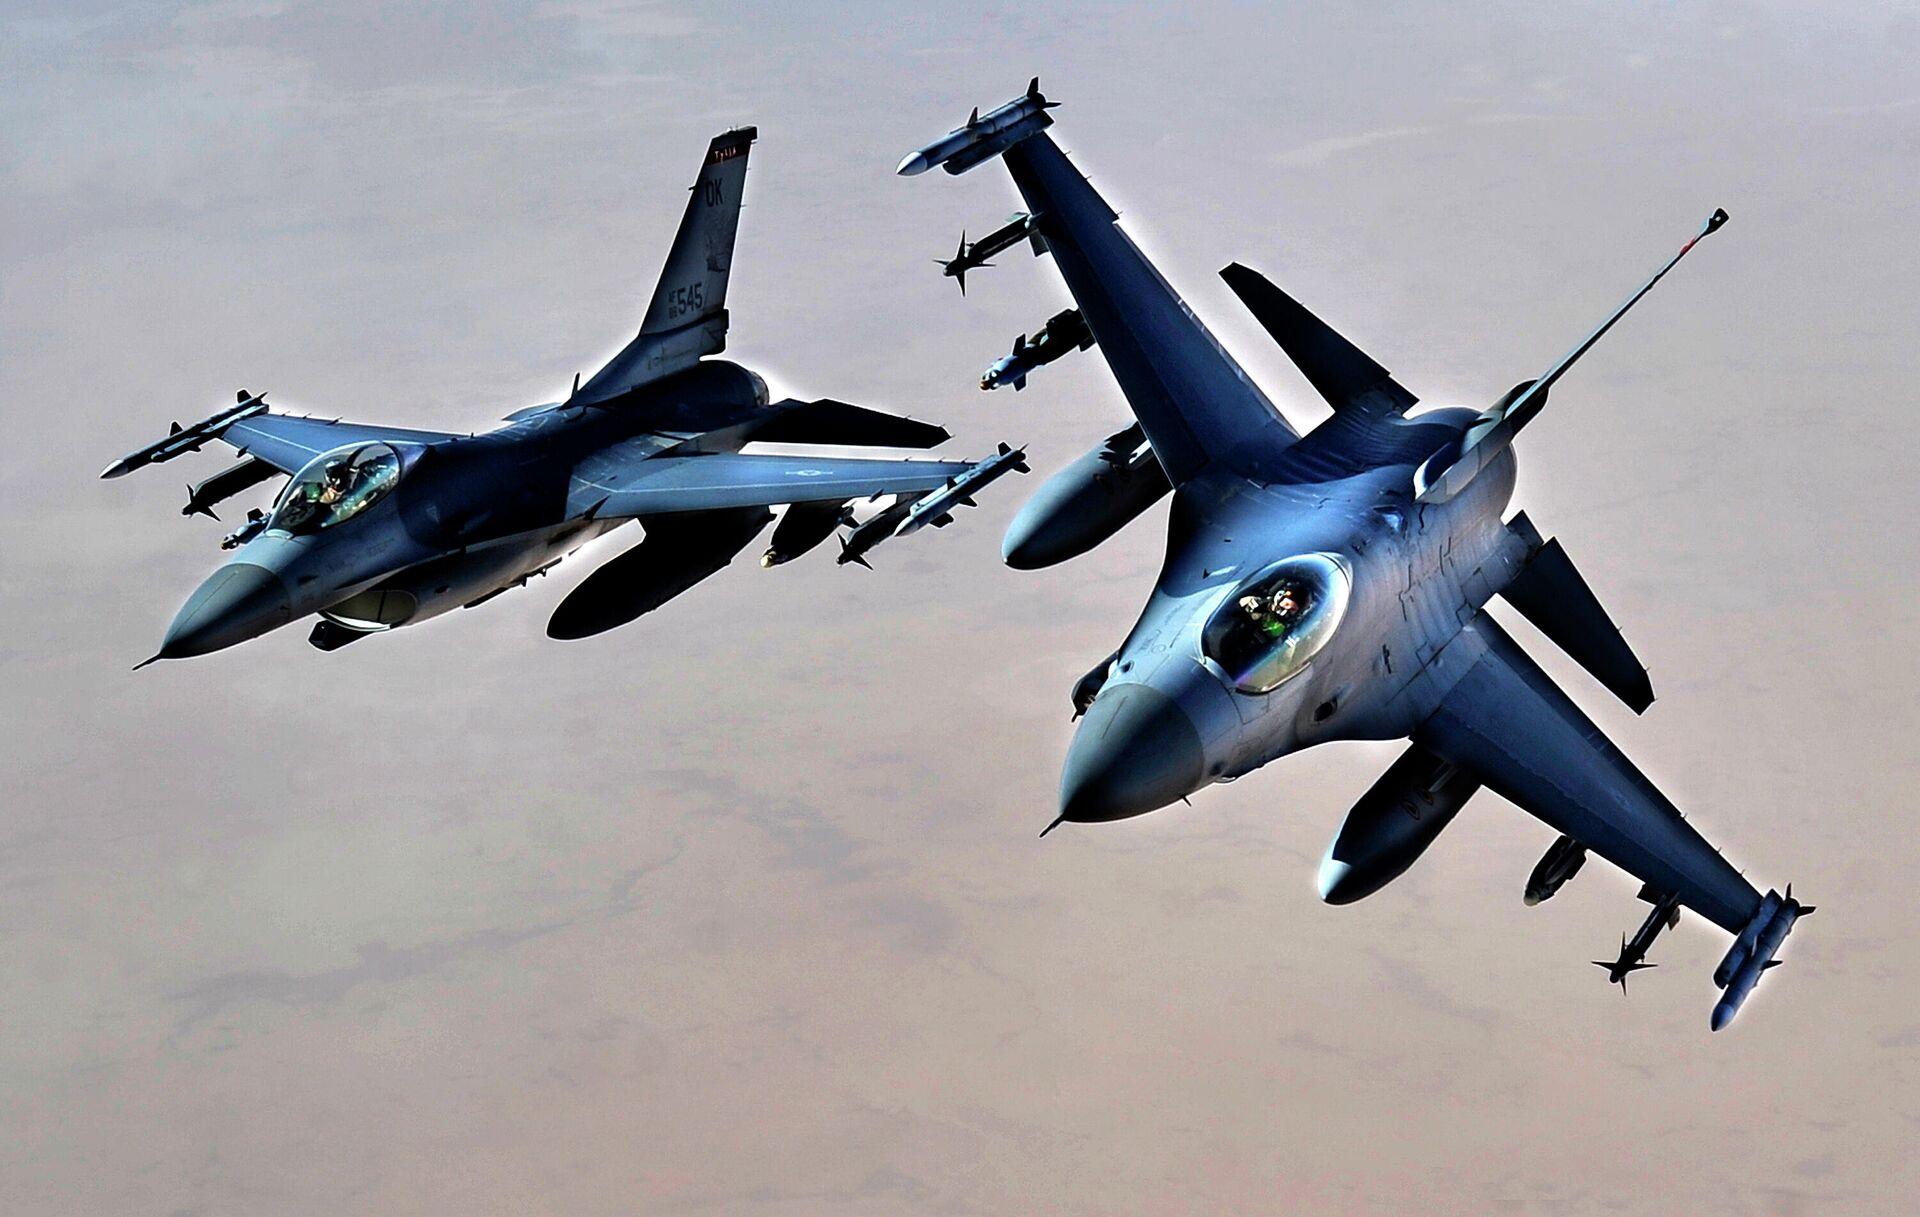 Истребители ВВС США F-16 над территорией Ирака - РИА Новости, 1920, 27.05.2021